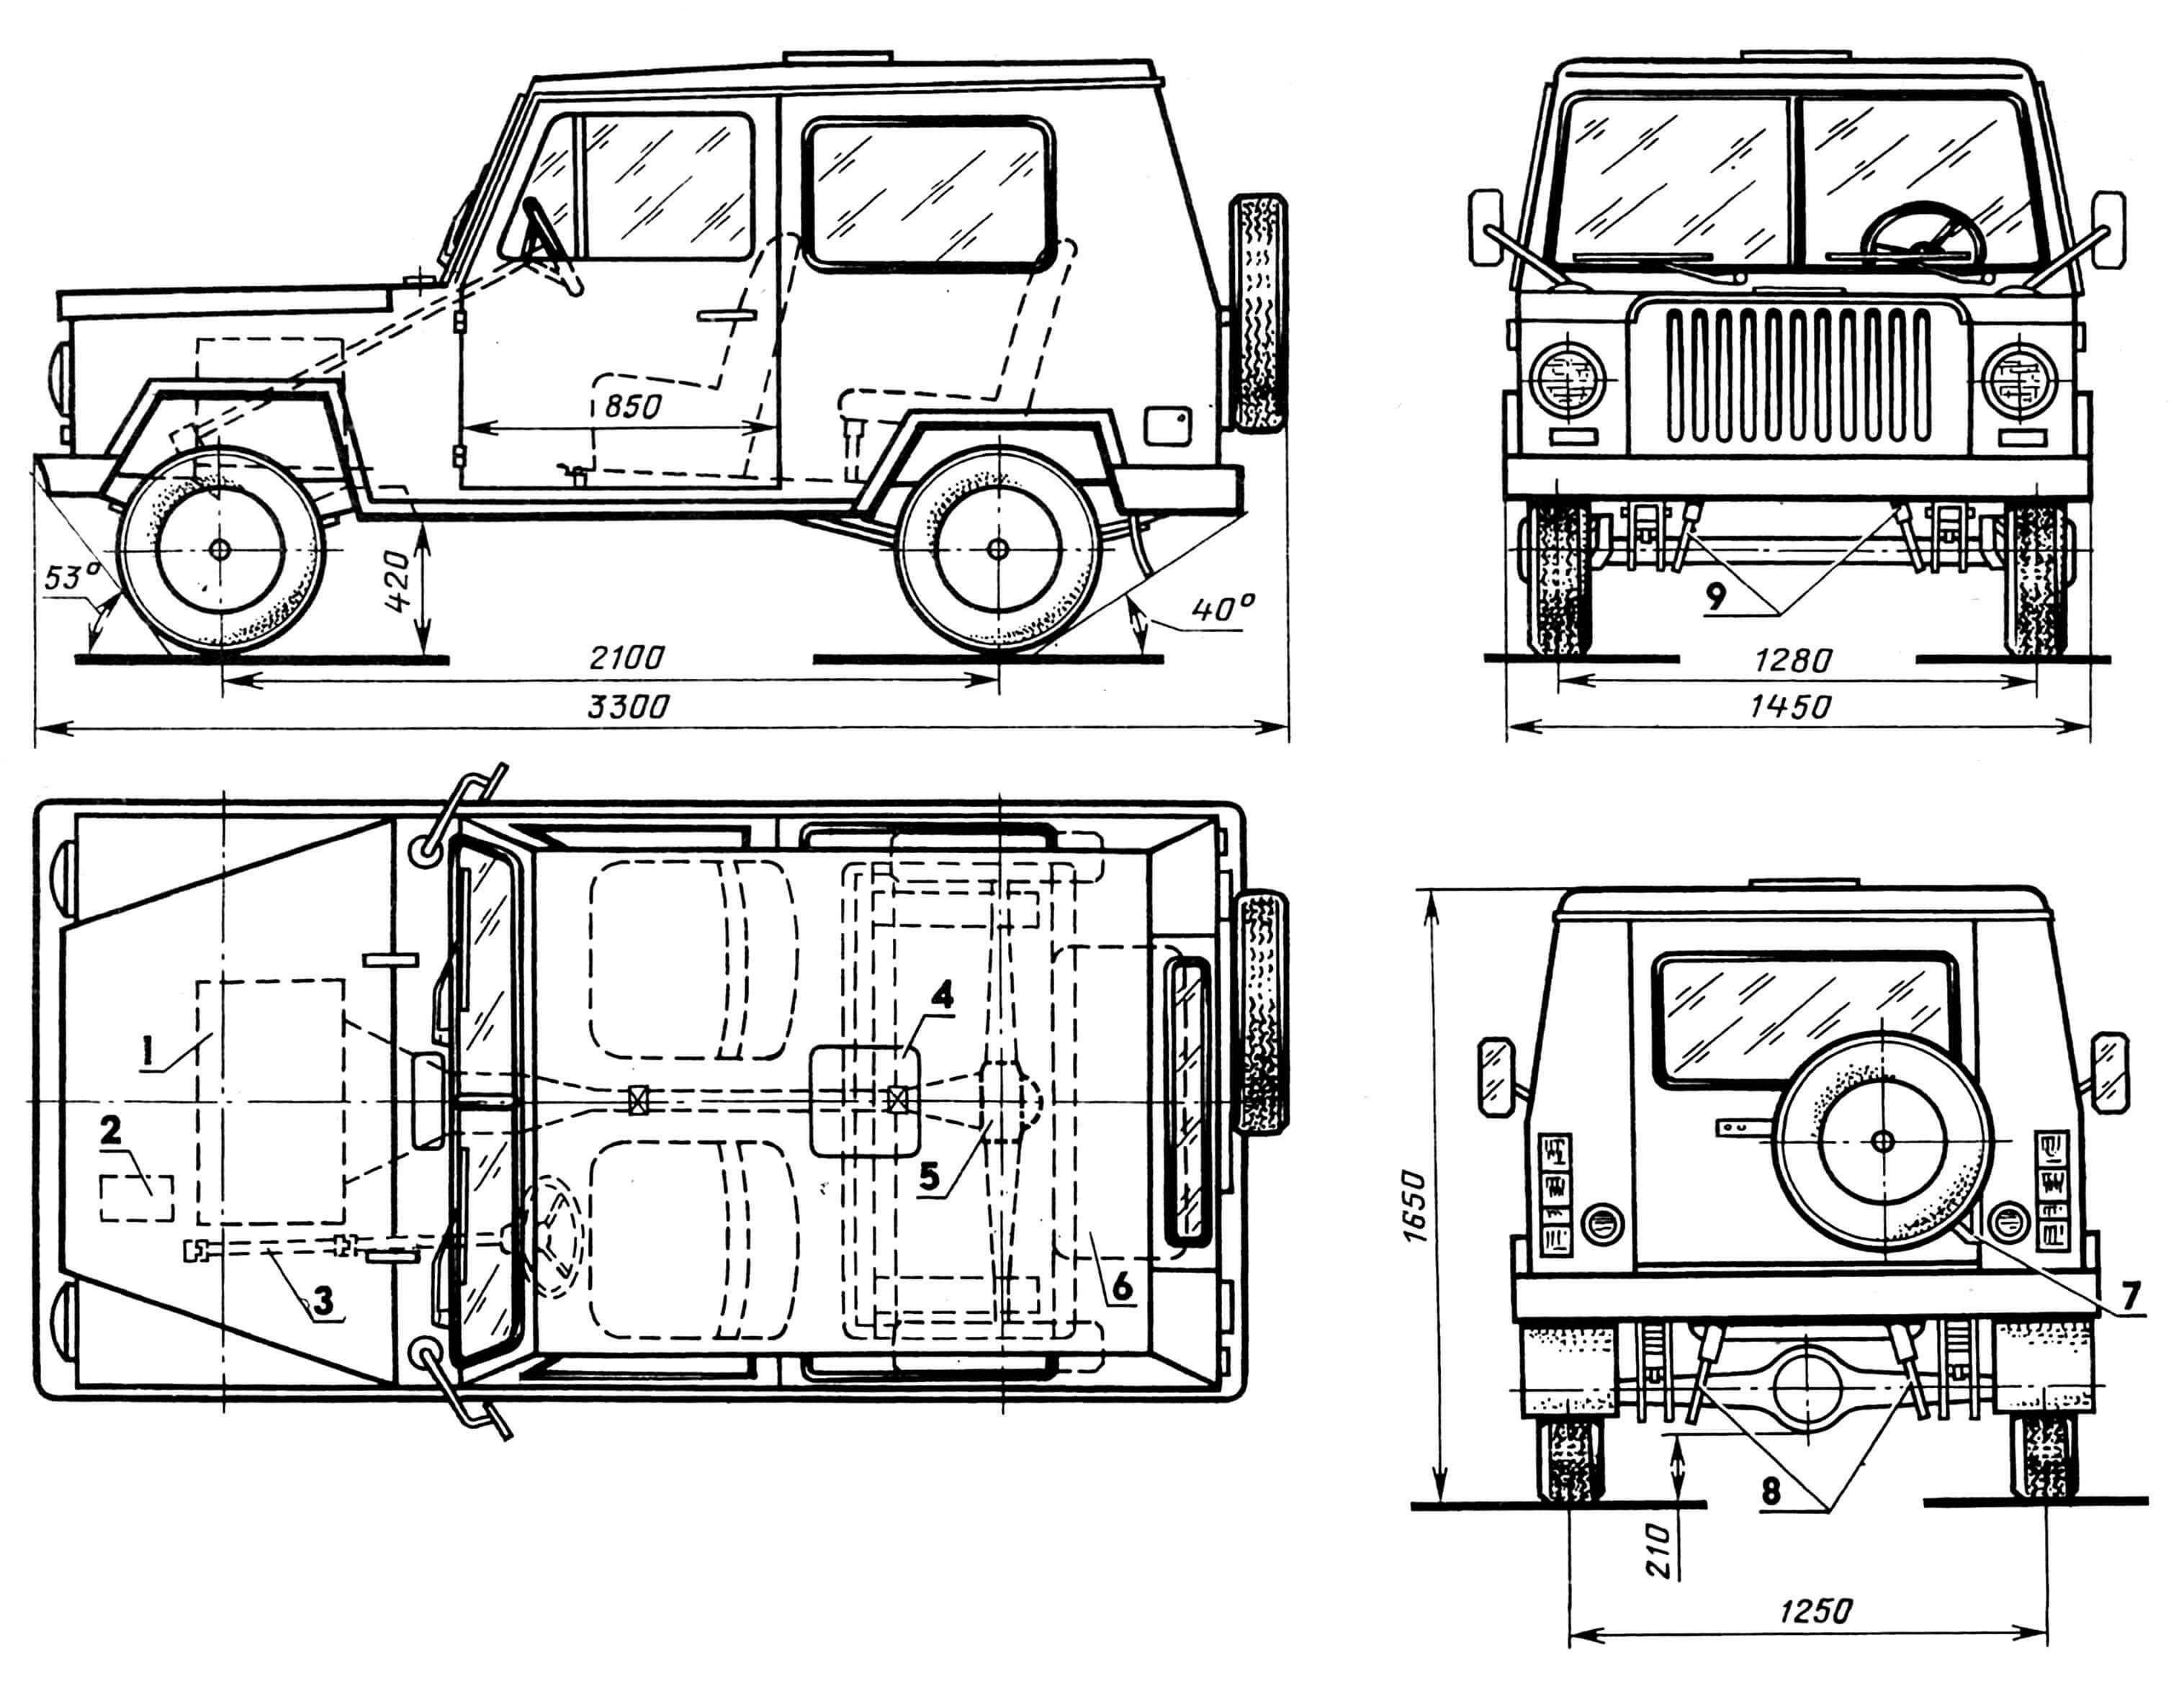 Автомобиль «Алезонник»: 1 — двигатель, 2 — аккумулятор, 3 — рулевое управление, 4 — верхний люк, 5 — главный редуктор с дифференциалом, 6 — бензобак, 7 — кронштейн крепления запасного колеса, 8 — телескопические амортизаторы задней подвески, 9 — телескопические амортизаторы передней подвески.